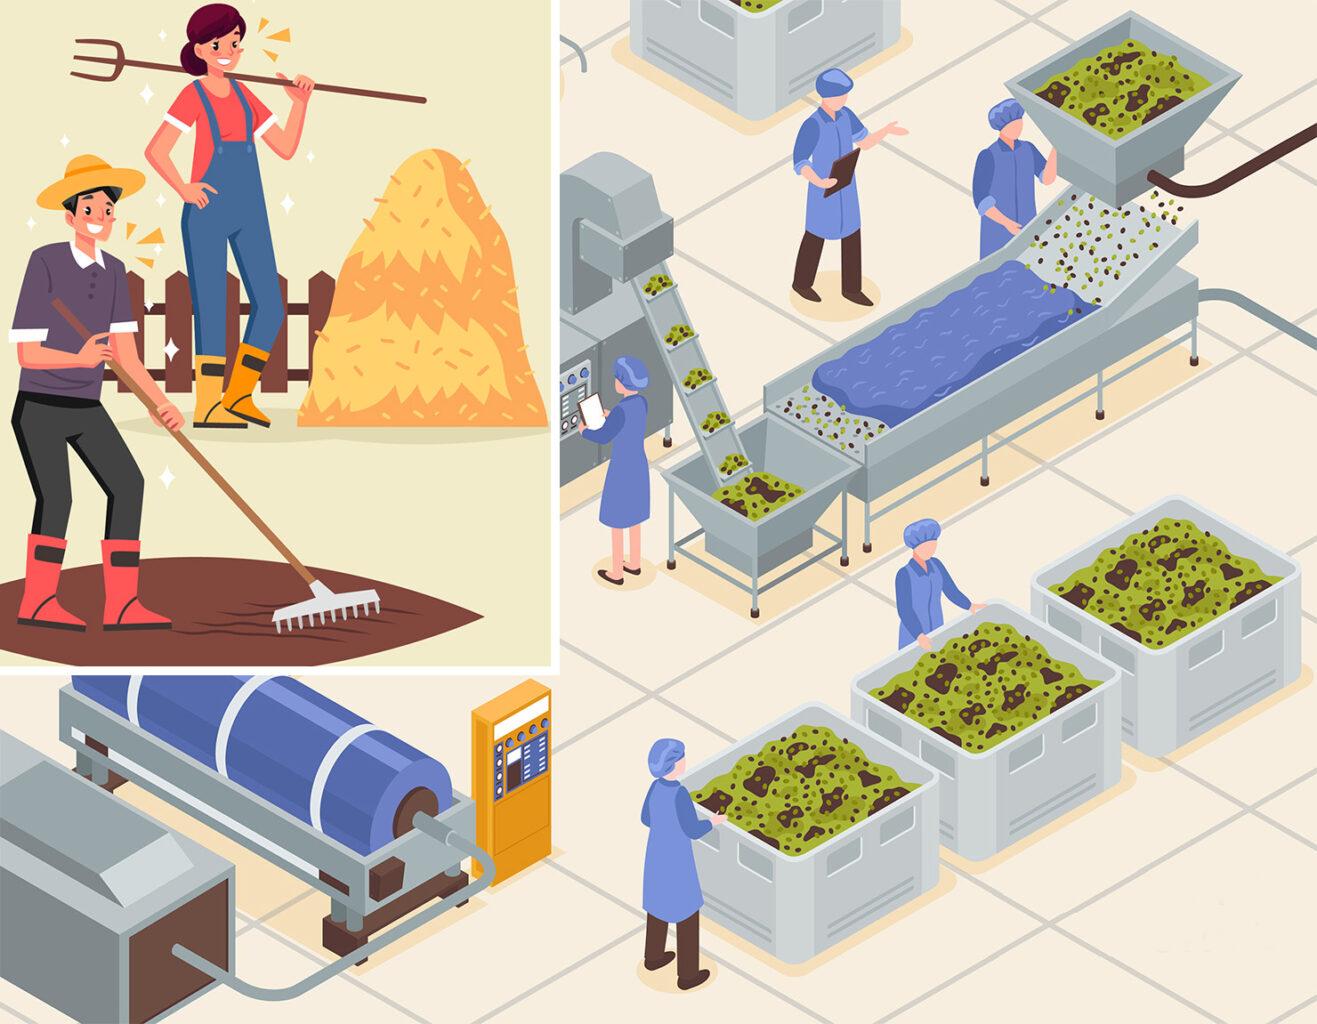 farmer-producer-manufacturer agorara.com